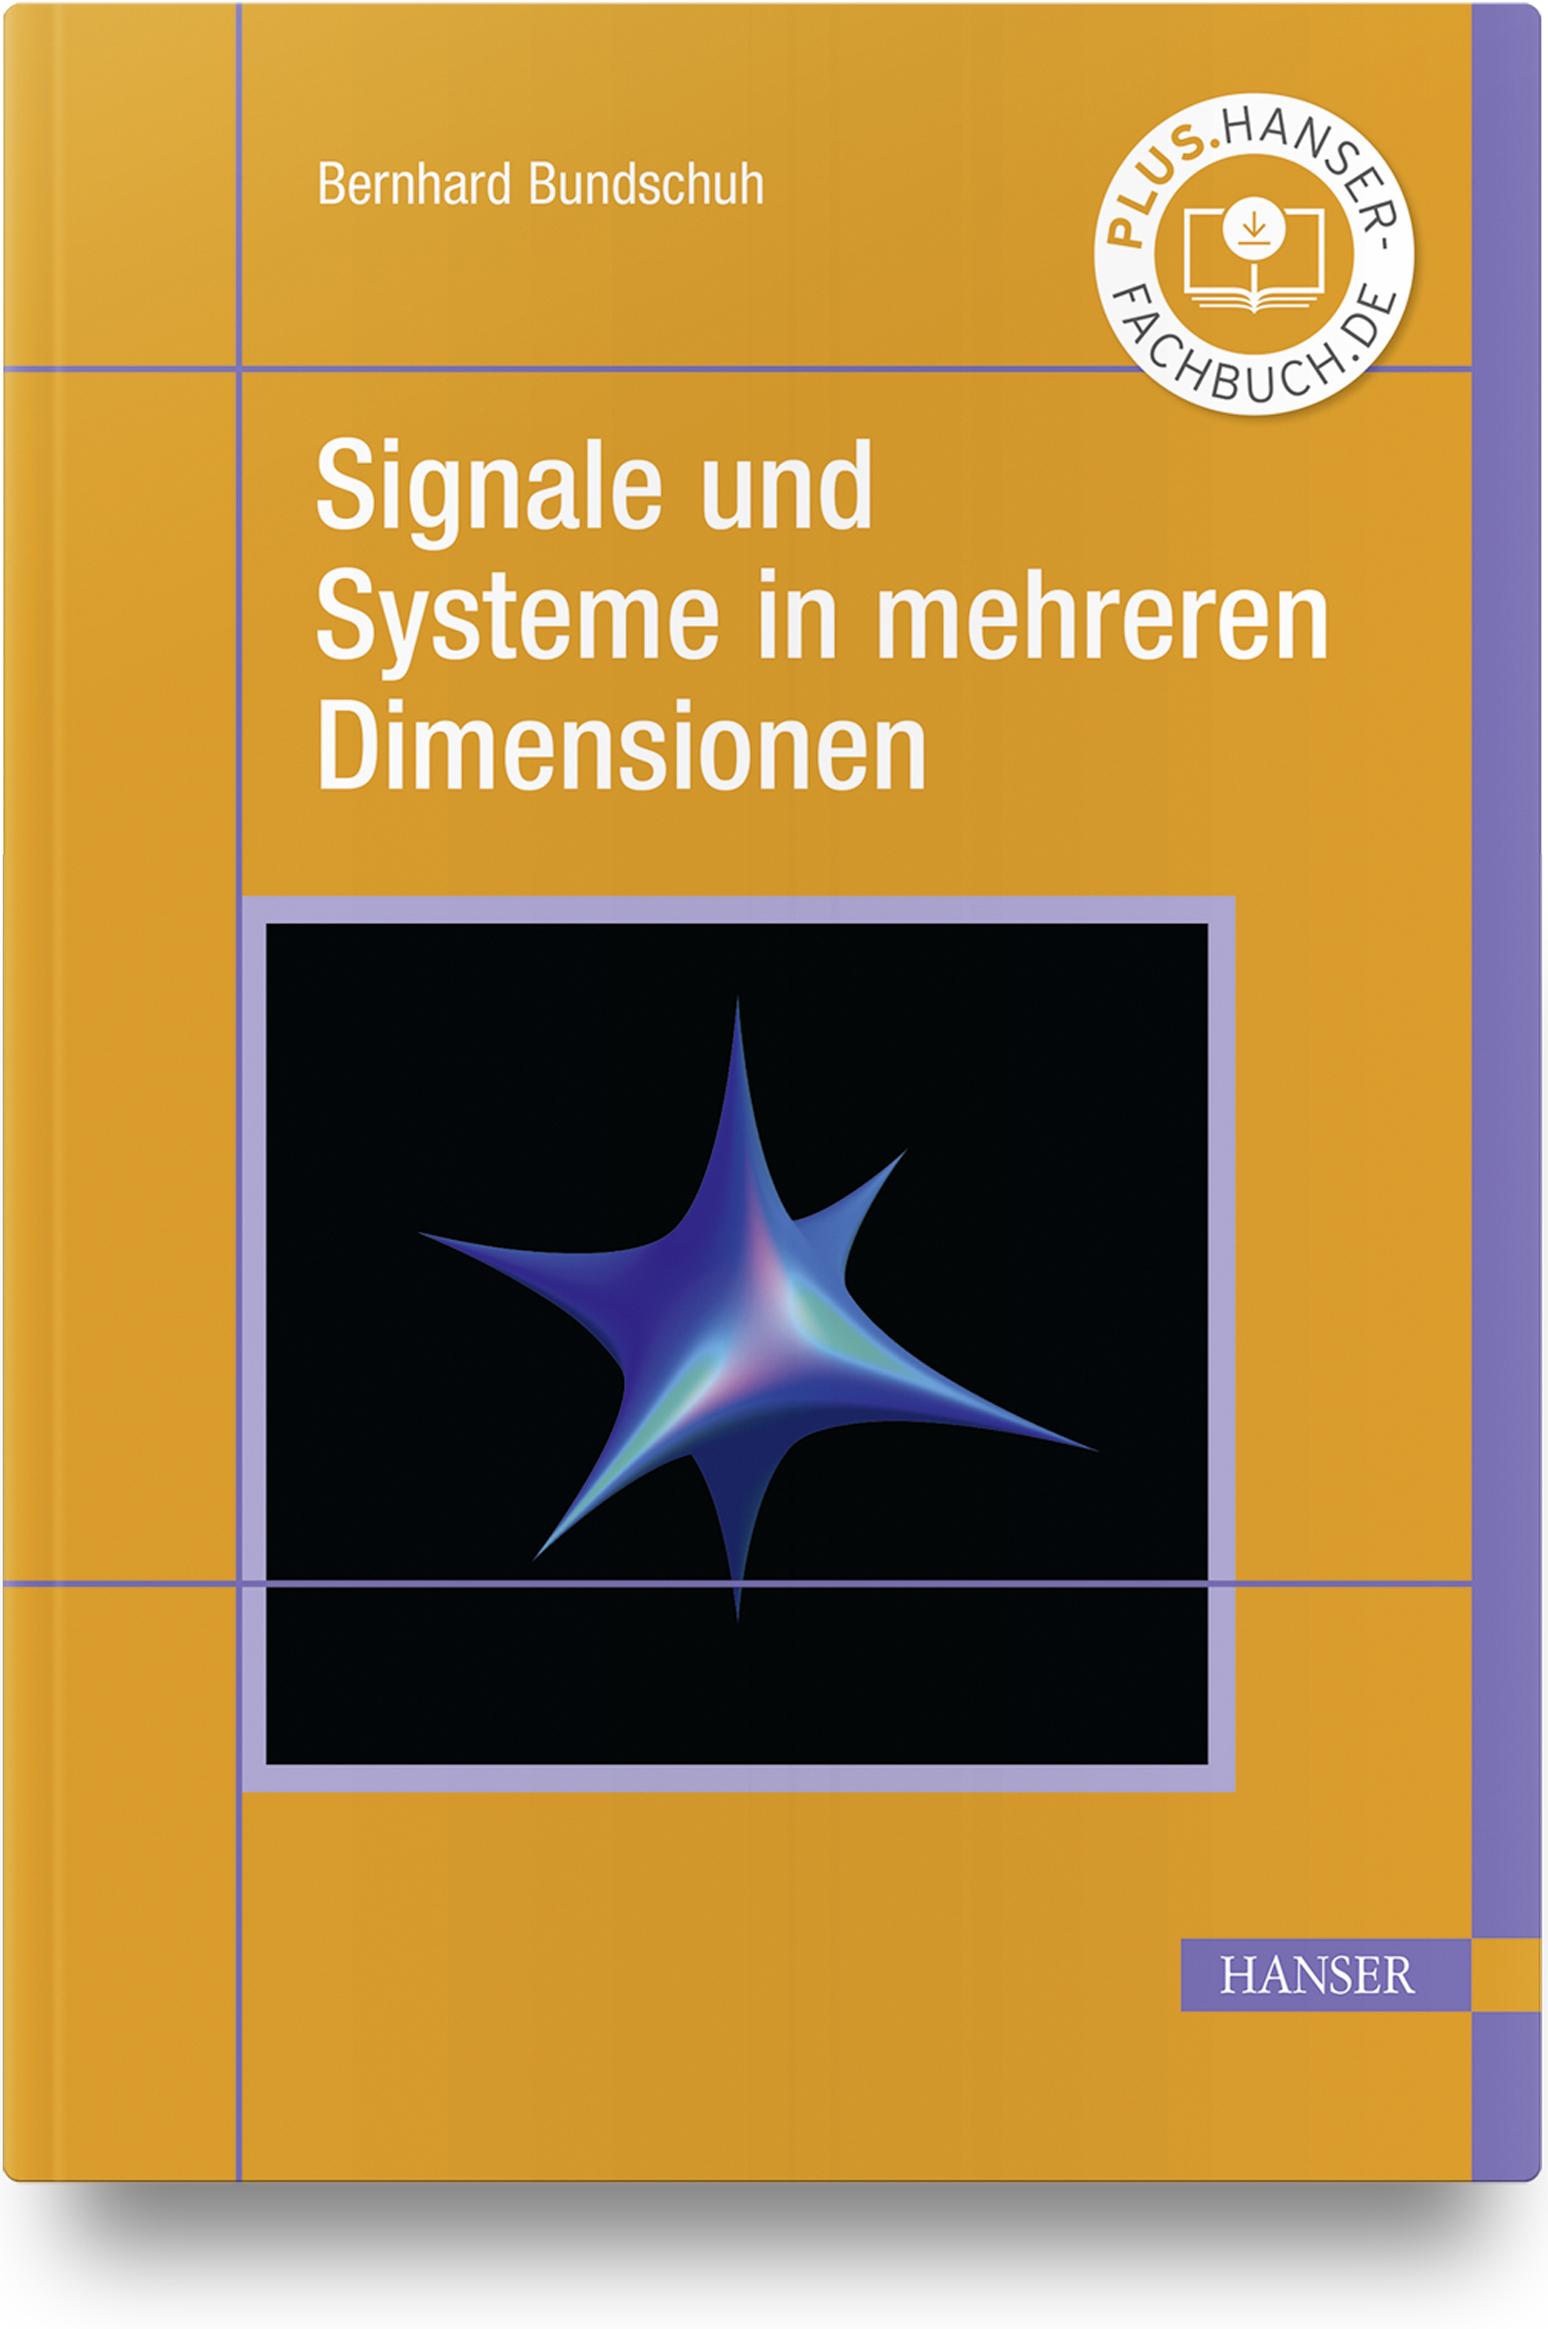 Bundschuh, Signale und Systeme in mehreren Dimensionen, 978-3-446-46707-1